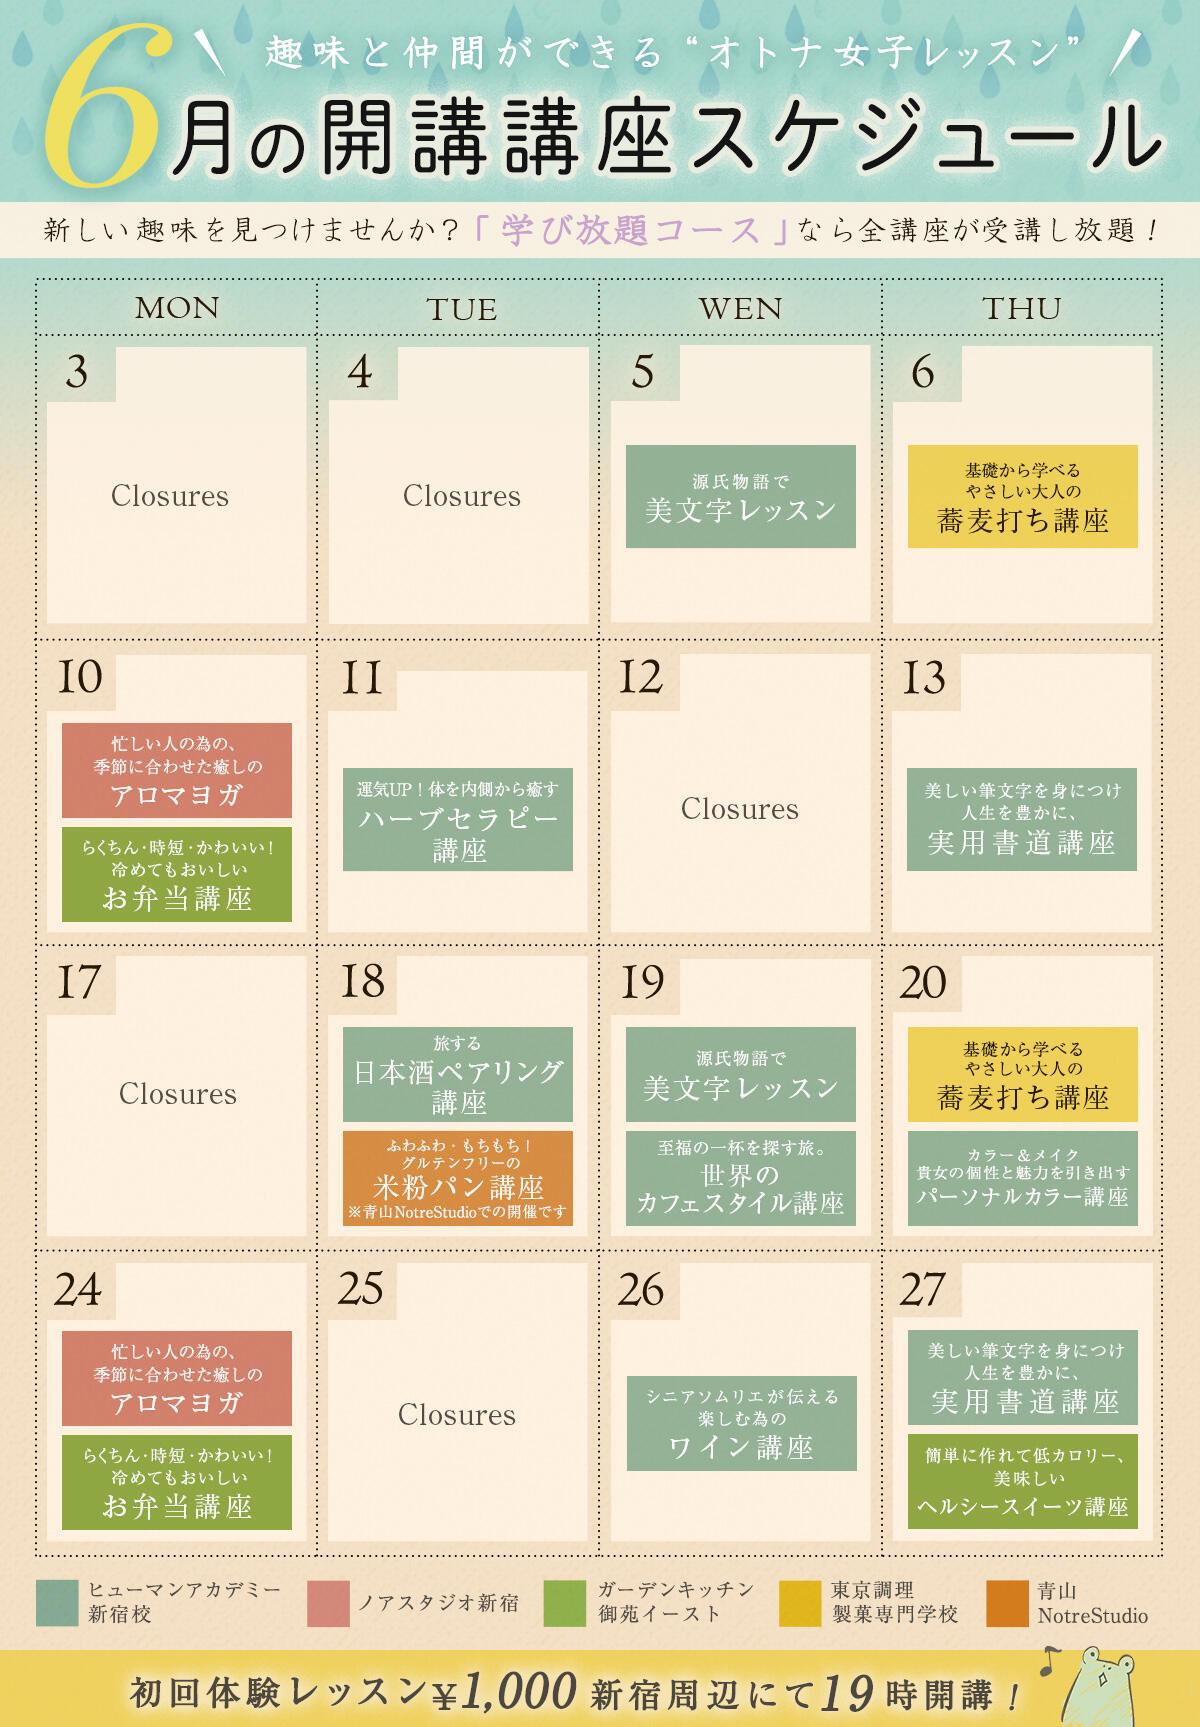 ライフスタイルクラブ新宿6月スケジュール